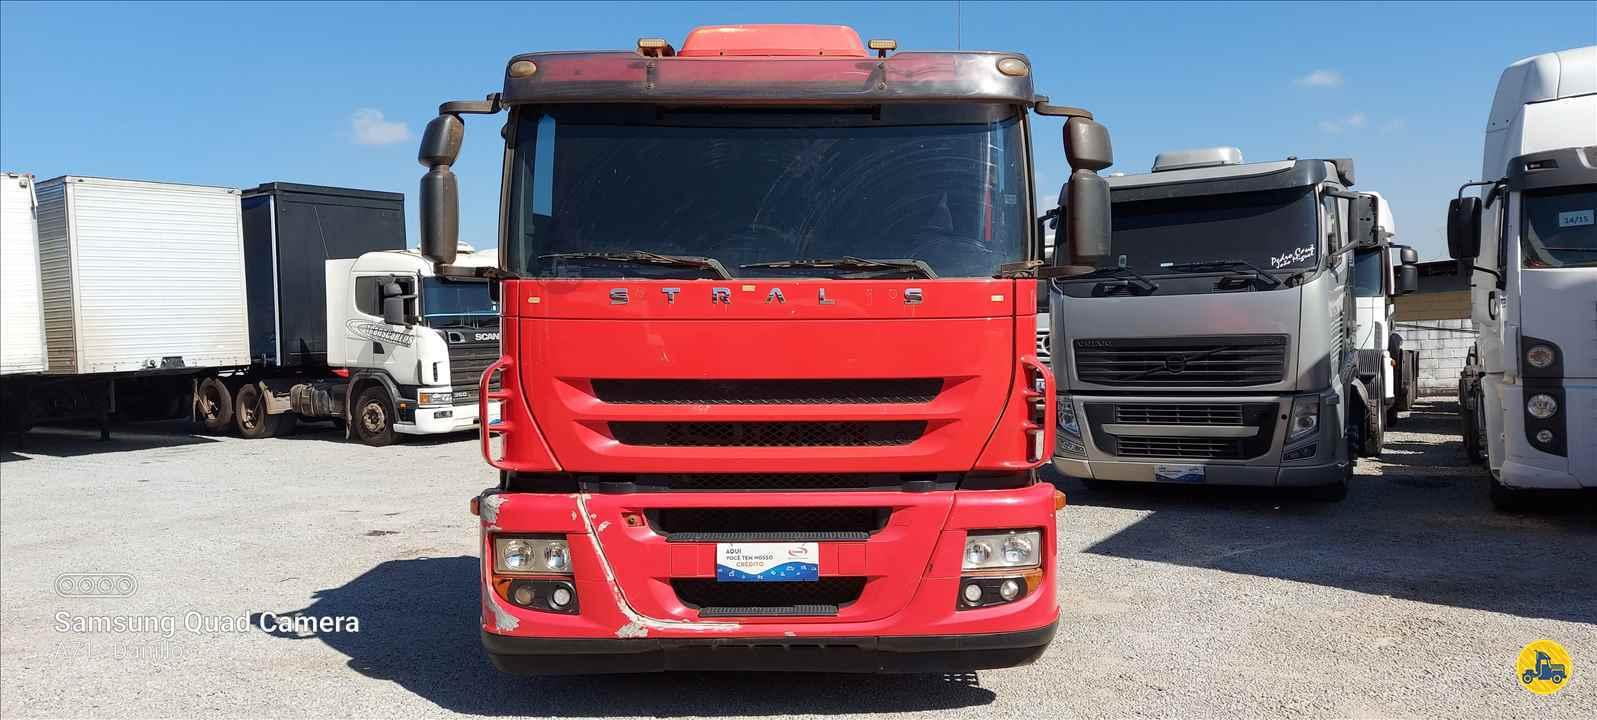 CAMINHAO IVECO STRALIS 410 Cavalo Mecânico Truck 6x2 13 de Maio Caminhões BETIM MINAS GERAIS MG